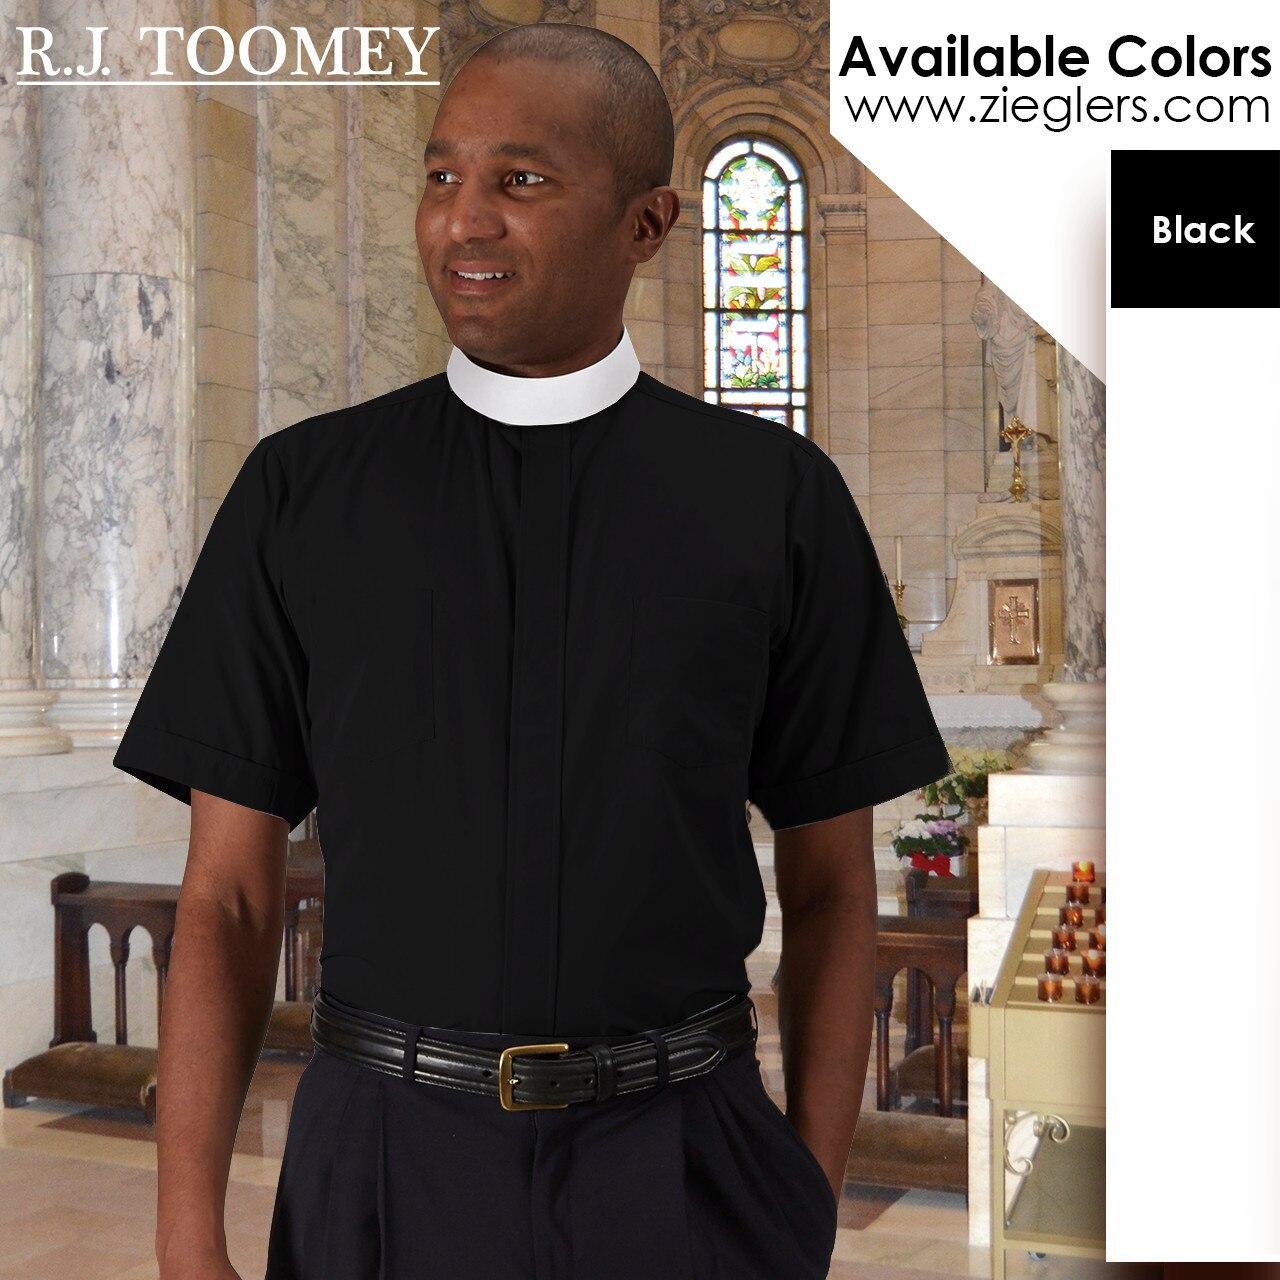 e13f7eb059 Clergy Shirt | Neckband Collar | Short Sleeve | Toomey